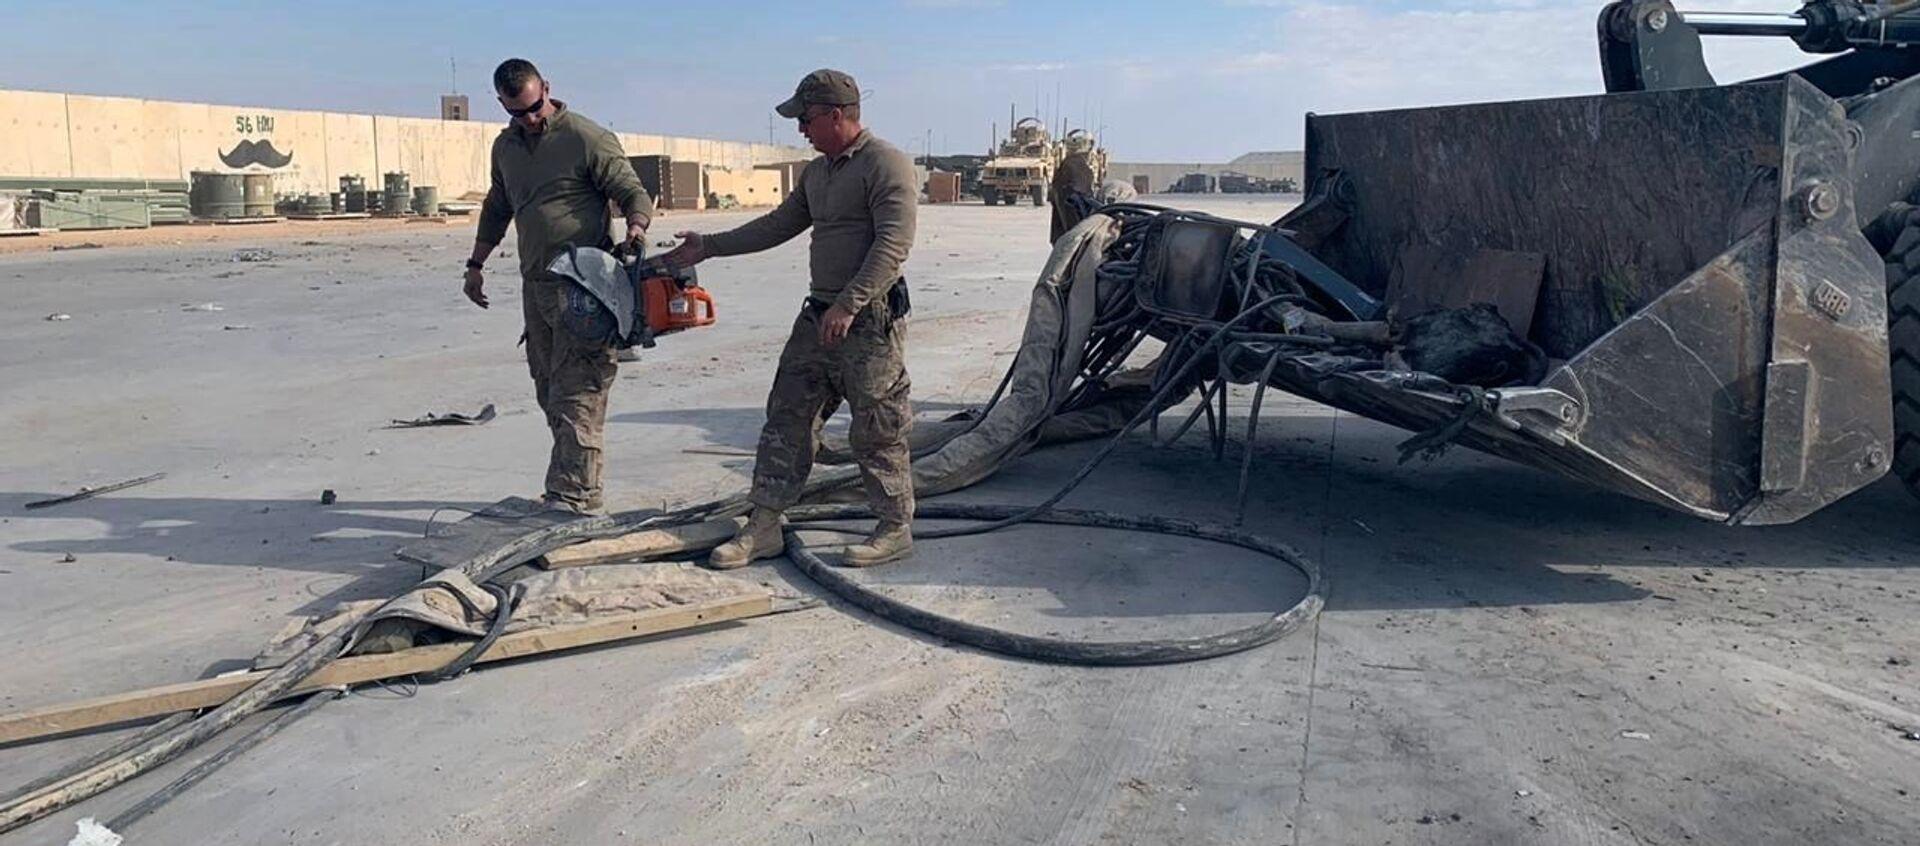 Американские военные чистят военную базу Эйн-аль-Асад после обстрела в Ираке - Sputnik Italia, 1920, 03.03.2021